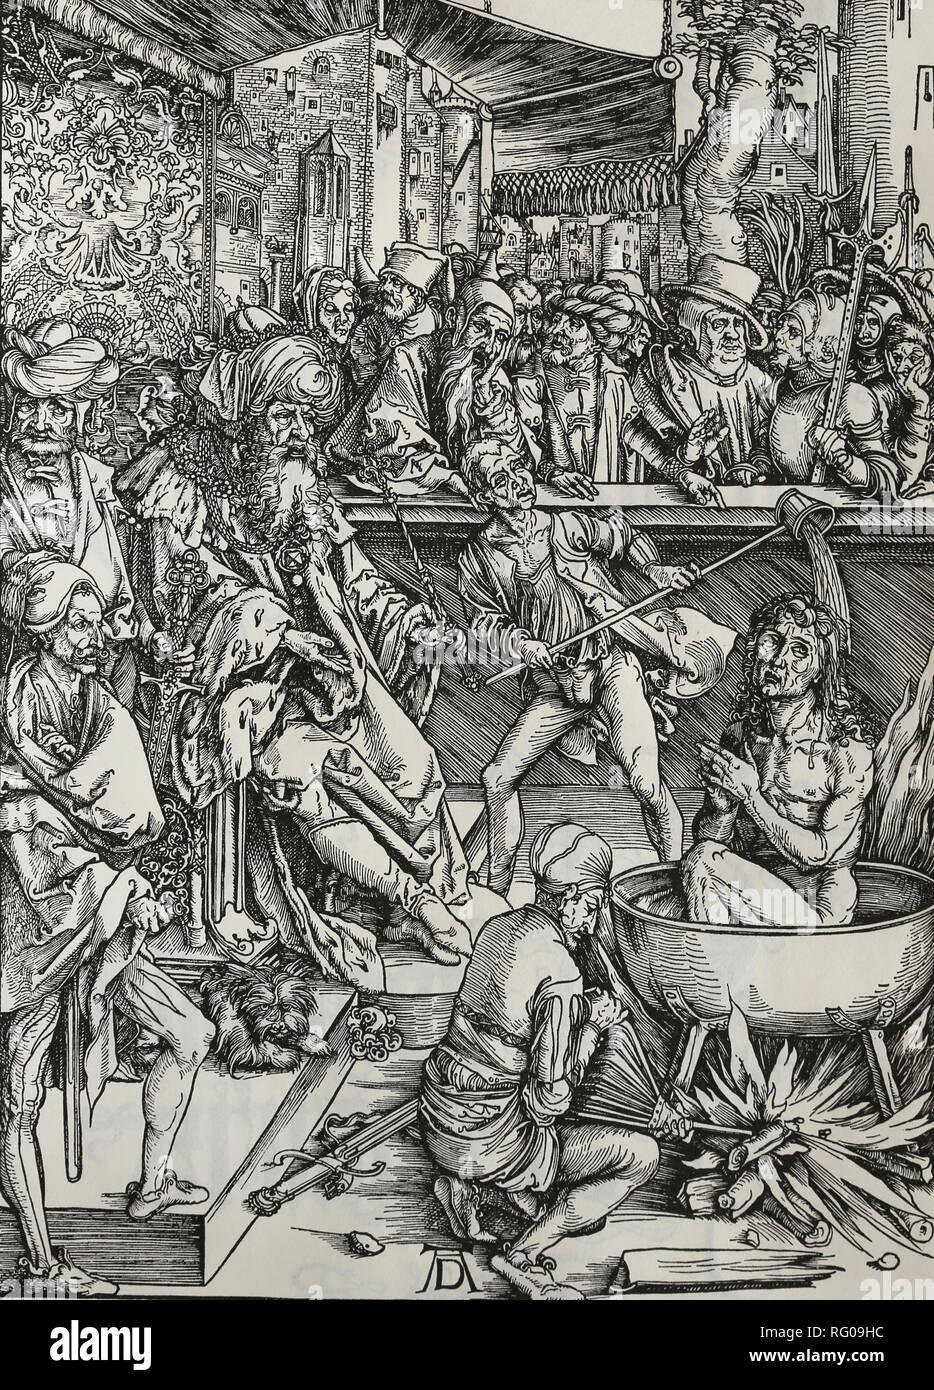 St. Johannes Evangelist gefoltert in einem Bottich mit kochendem Öl. Apokalypse. Holzschnitt von Albrecht Dürer. 1498. Stockbild